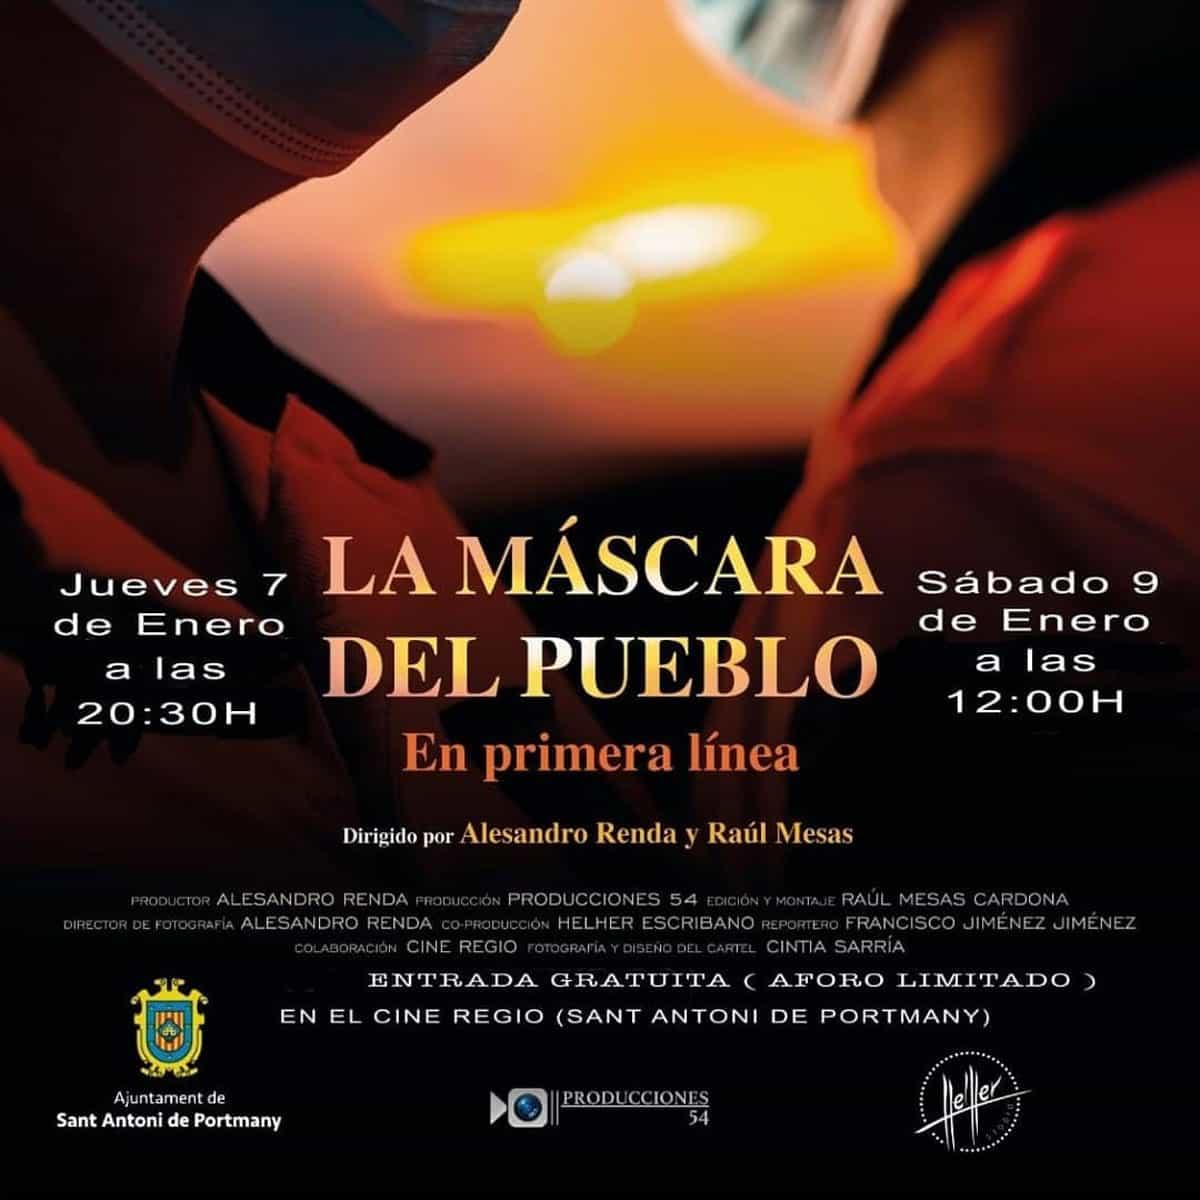 la-mascara-del-pueblo-ibiza-cine-regio-2021-welcometoibiza